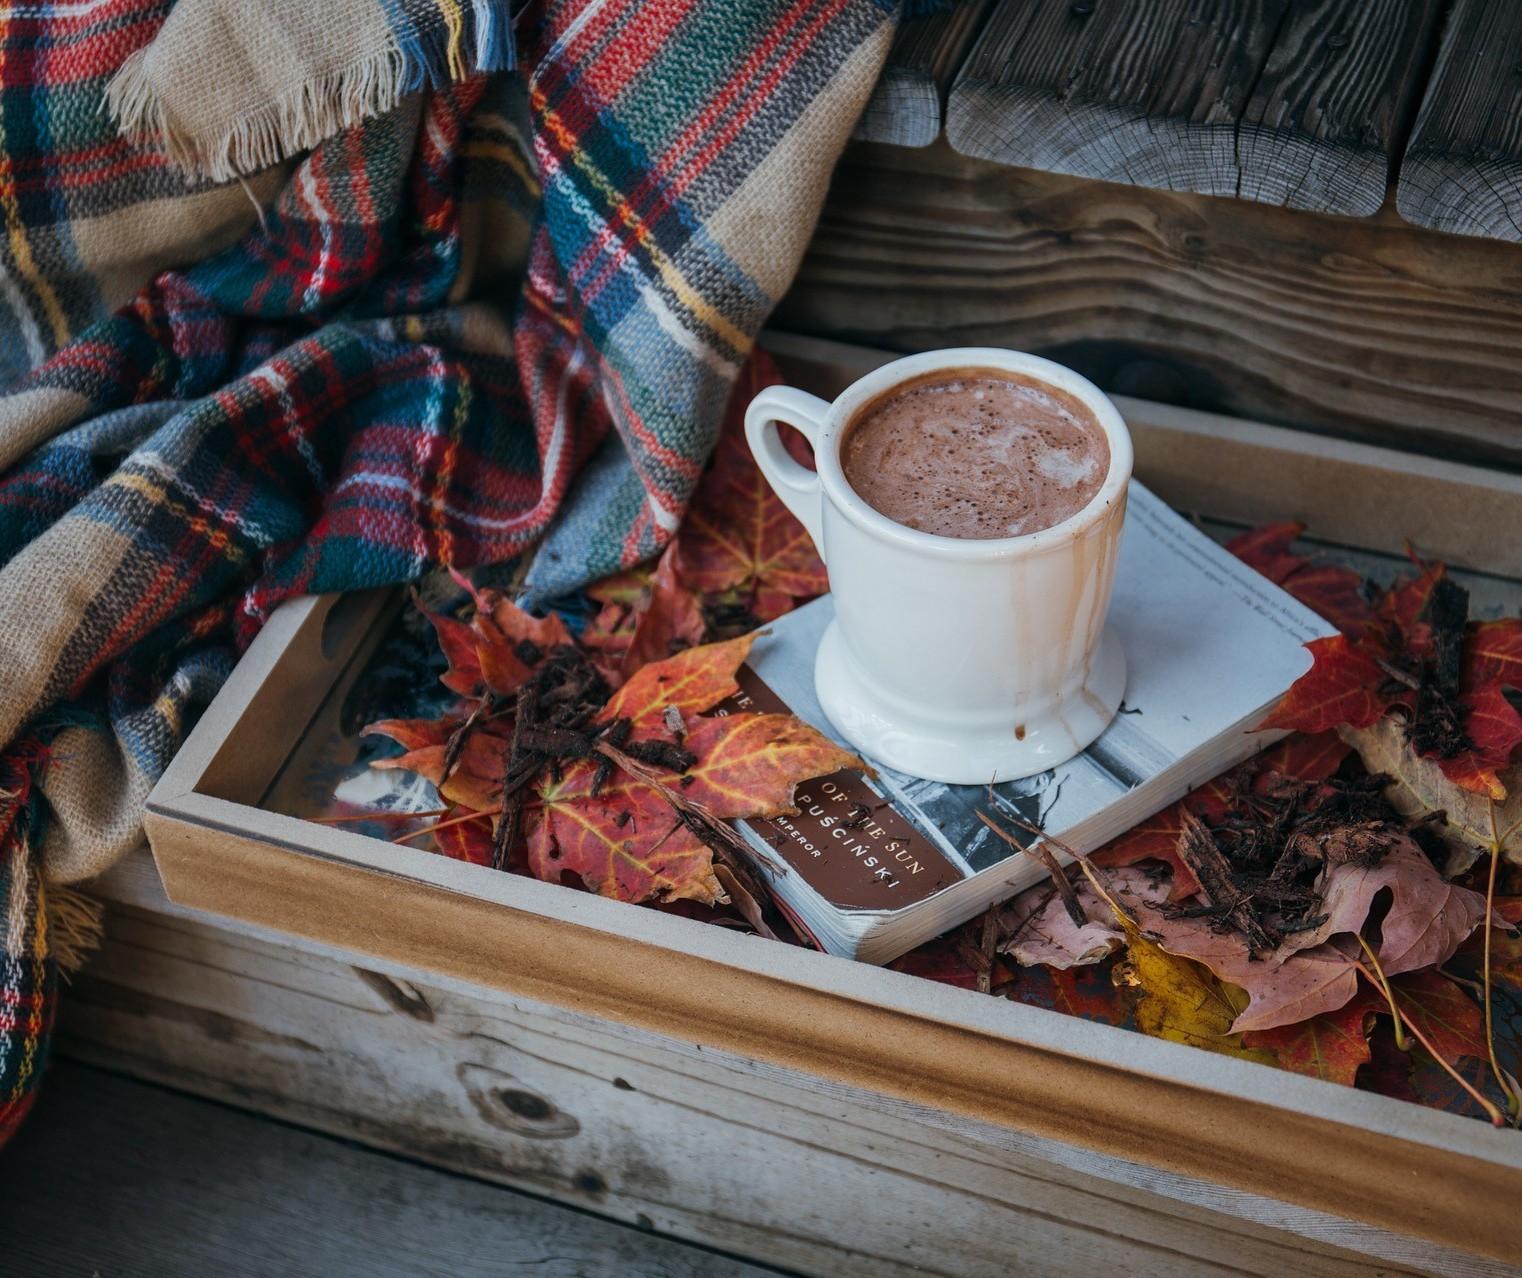 Para esses dias frios, a sugestão é um delicioso chocolate quente